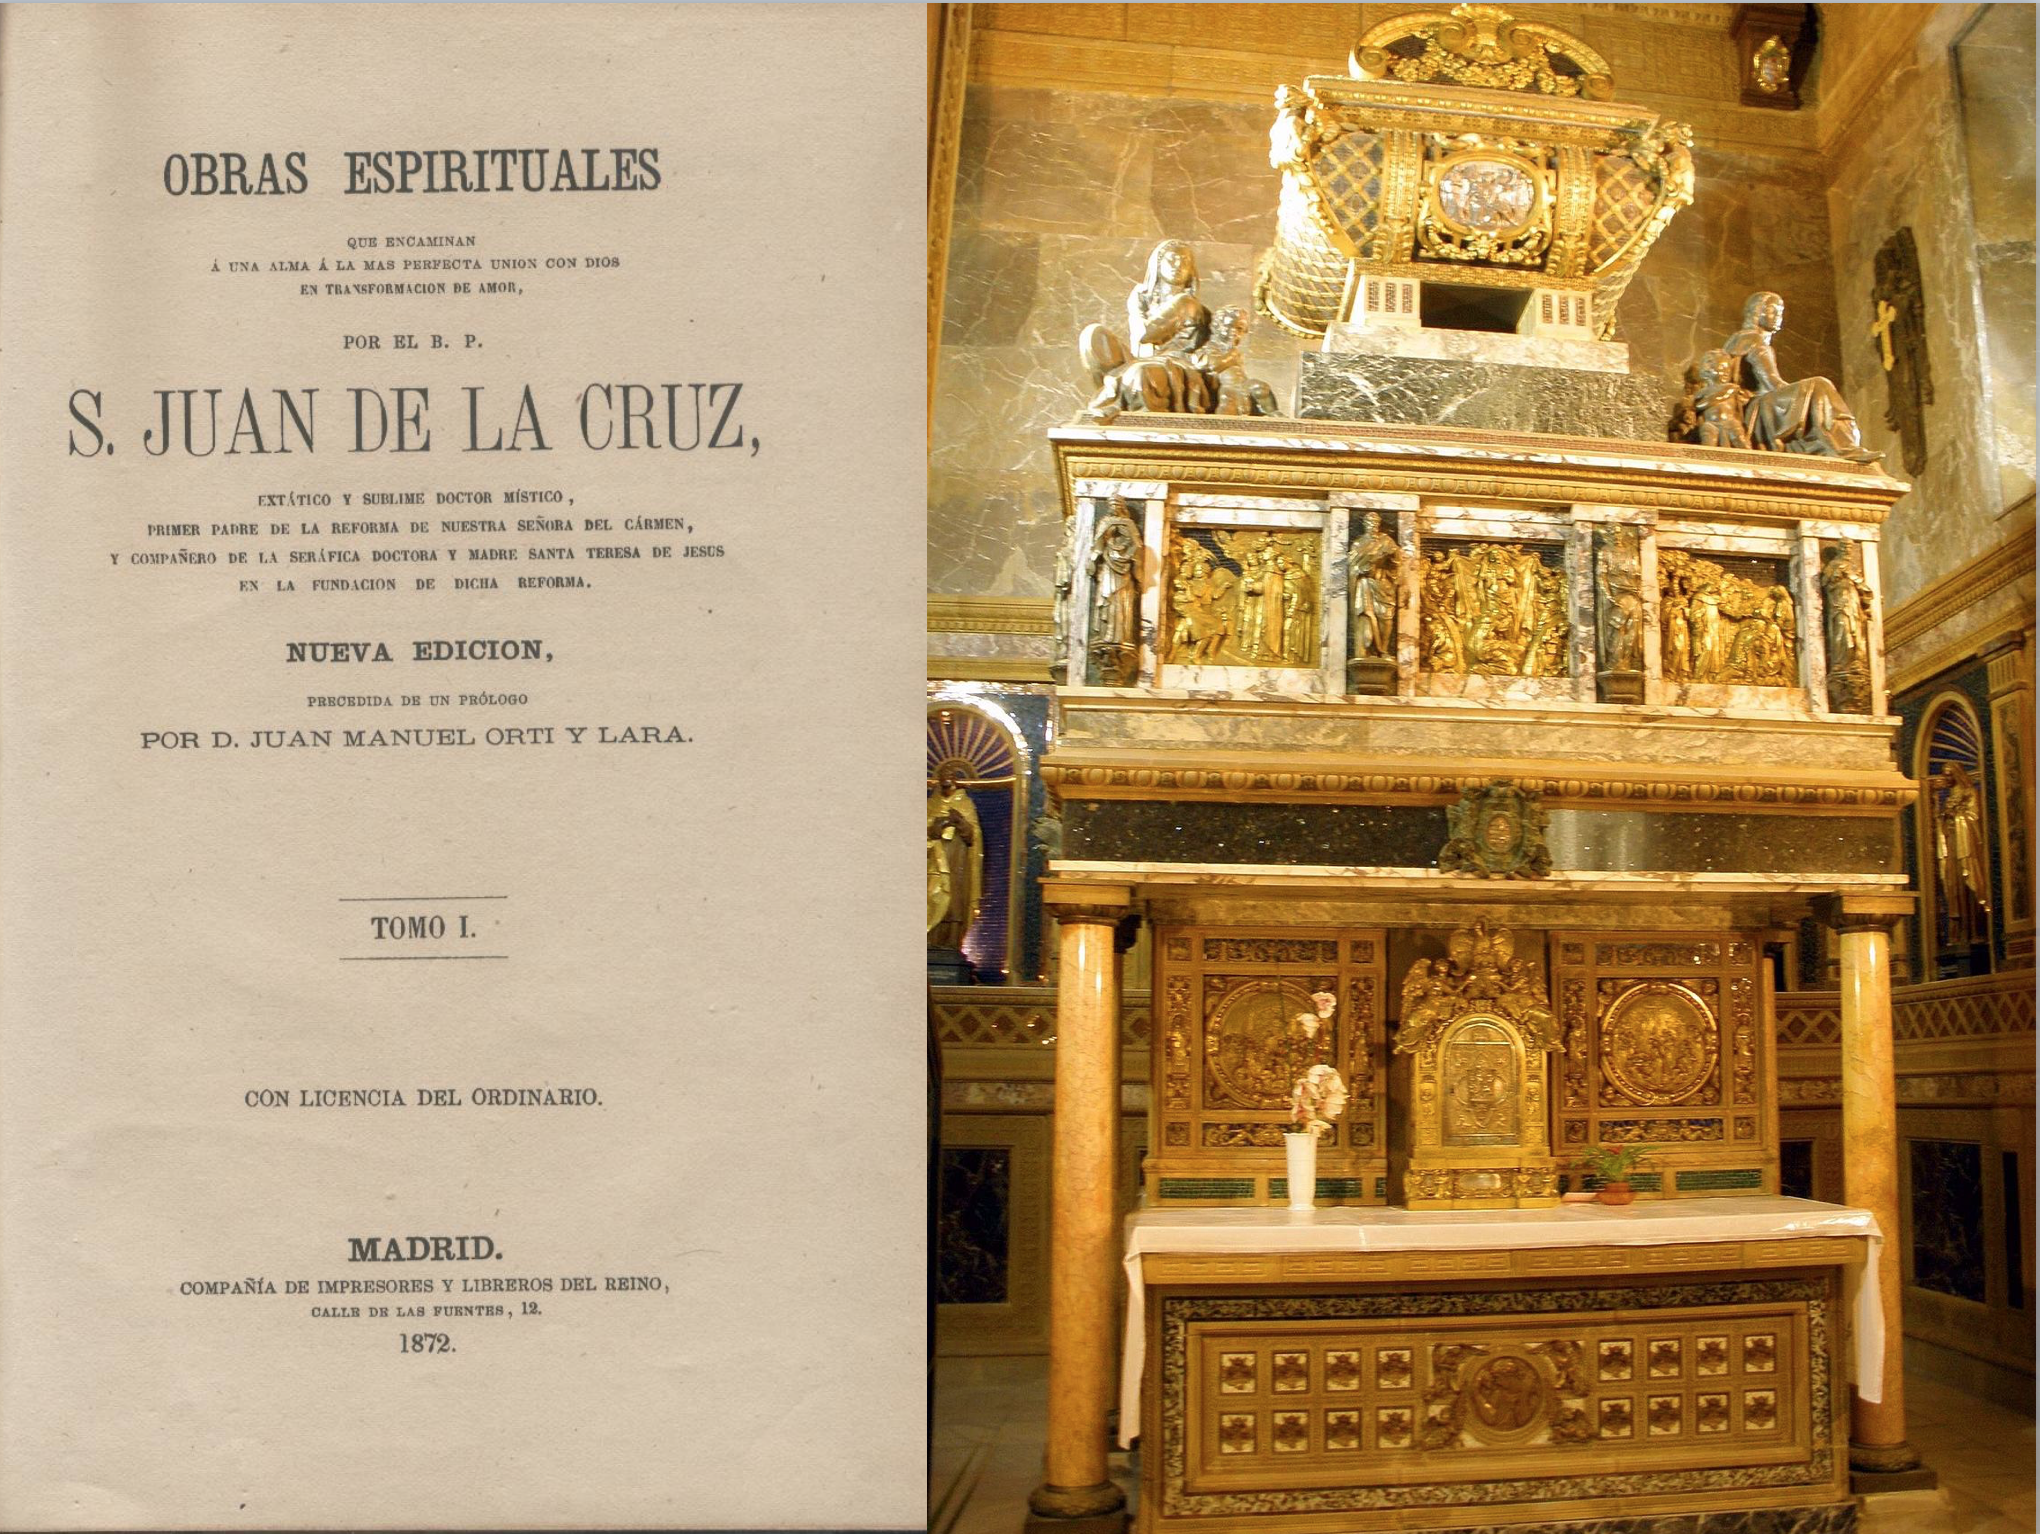 Sepulcro de San Juan de la Cruz en el Convento de los Carmelitas Descalzos (Segovia)